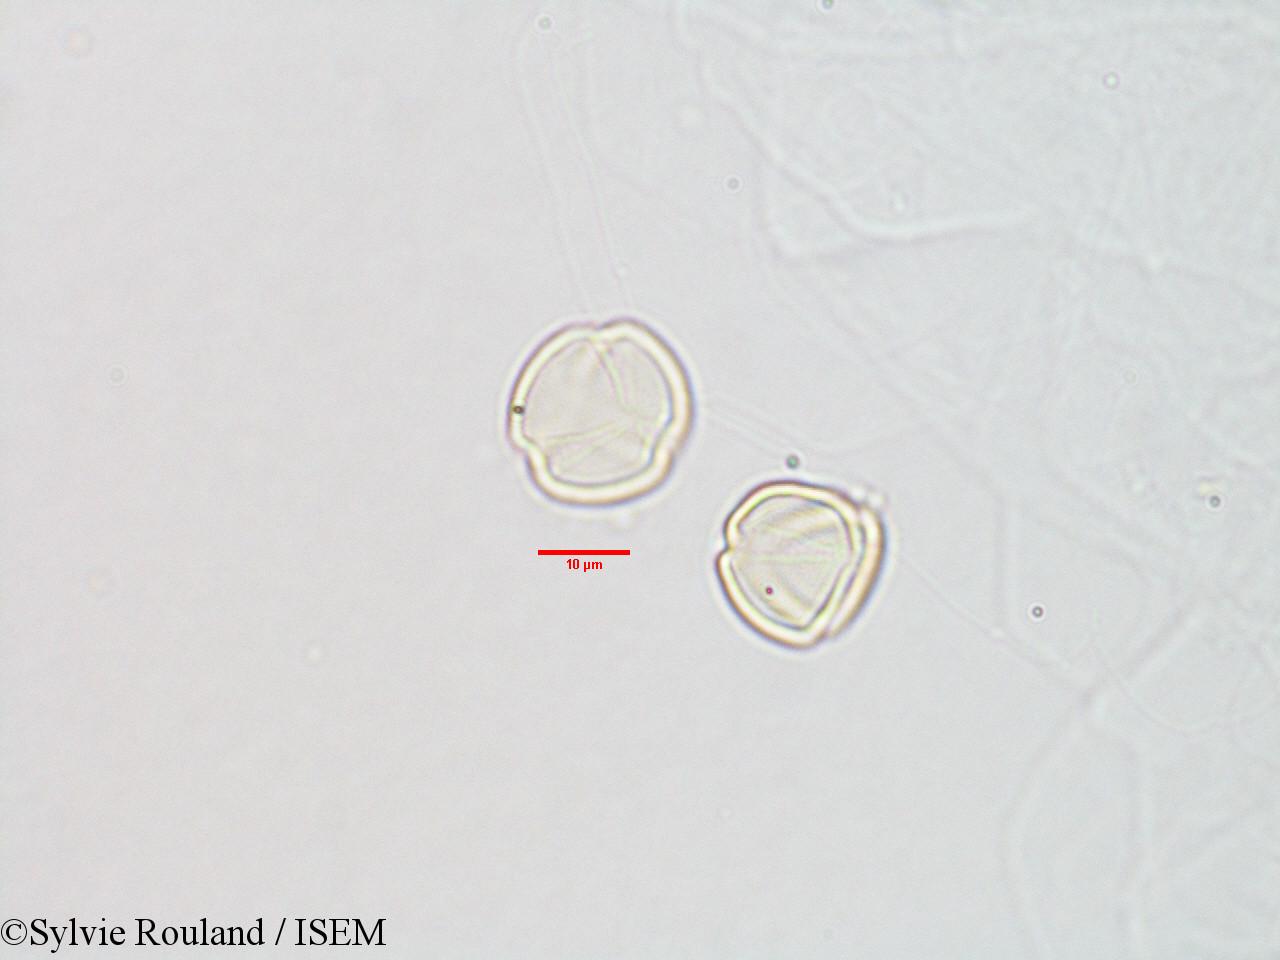 Sylvie.Rouland/Streptocarpus_paniculatus_3070/Streptocarpus_paniculatus_3070_0002(copy).jpg